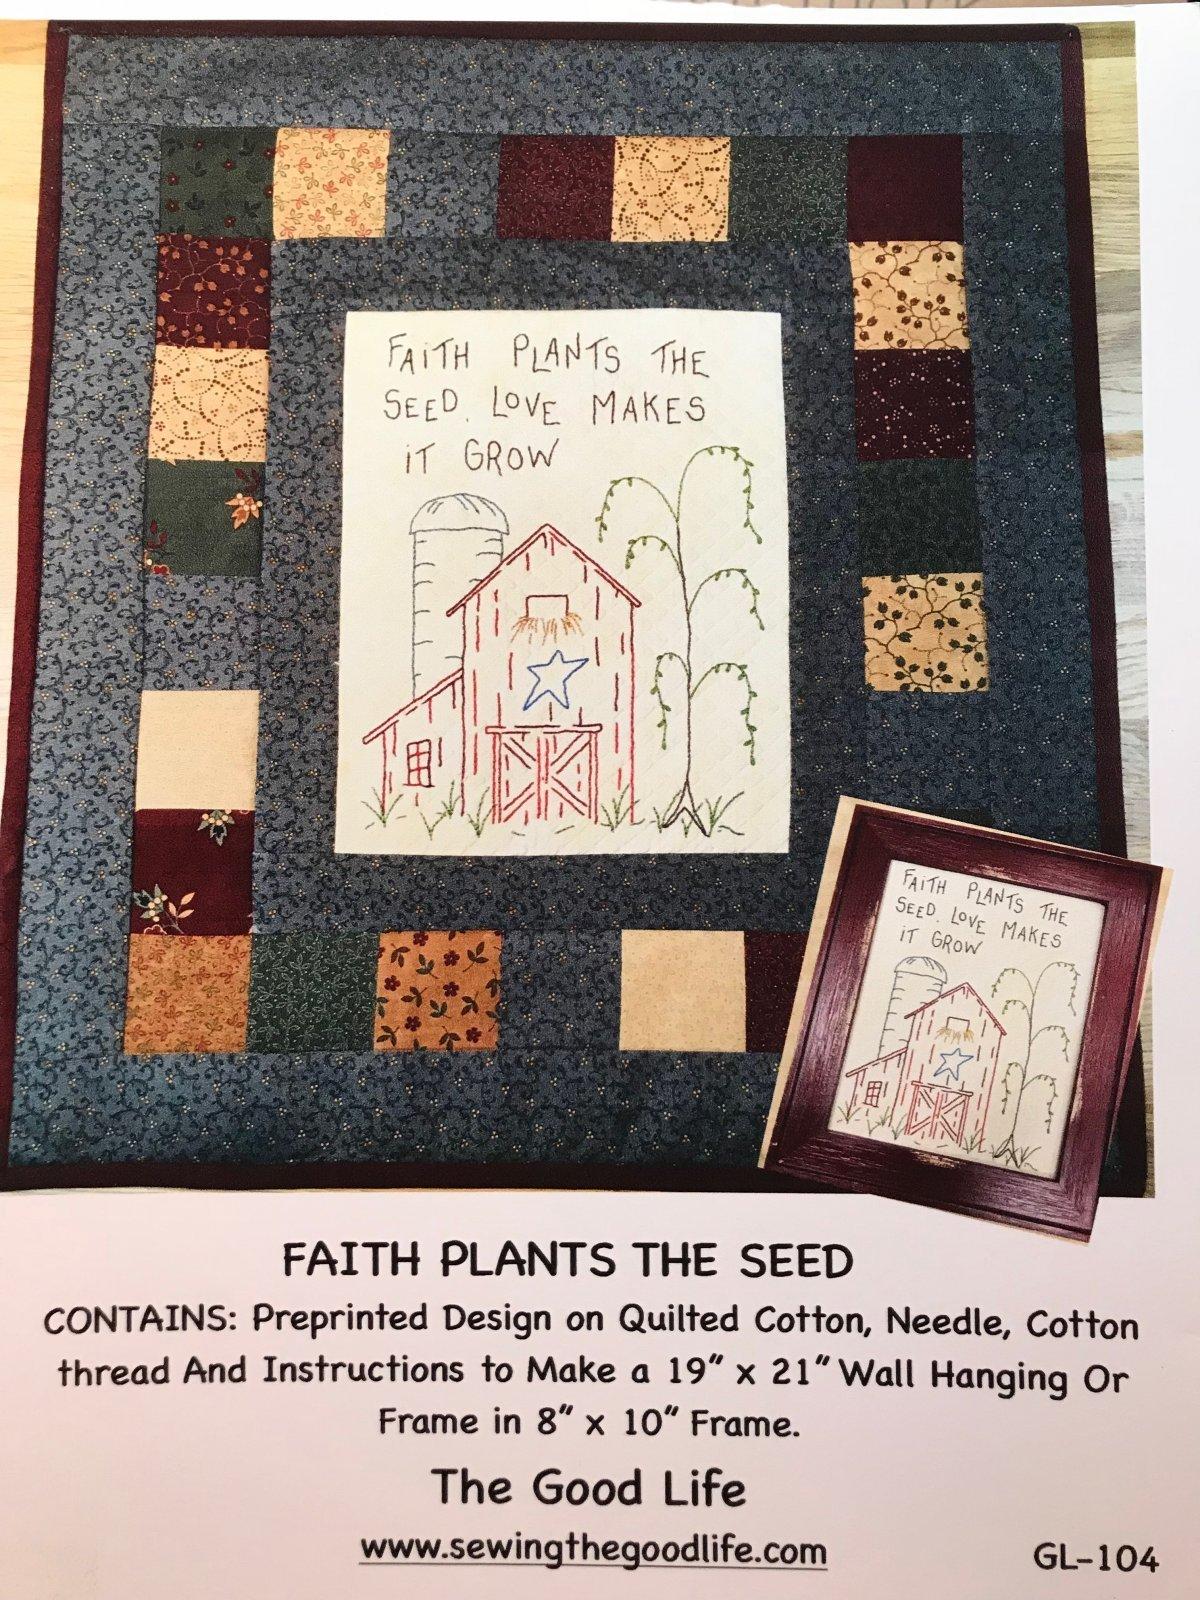 Faith Plants the Seed